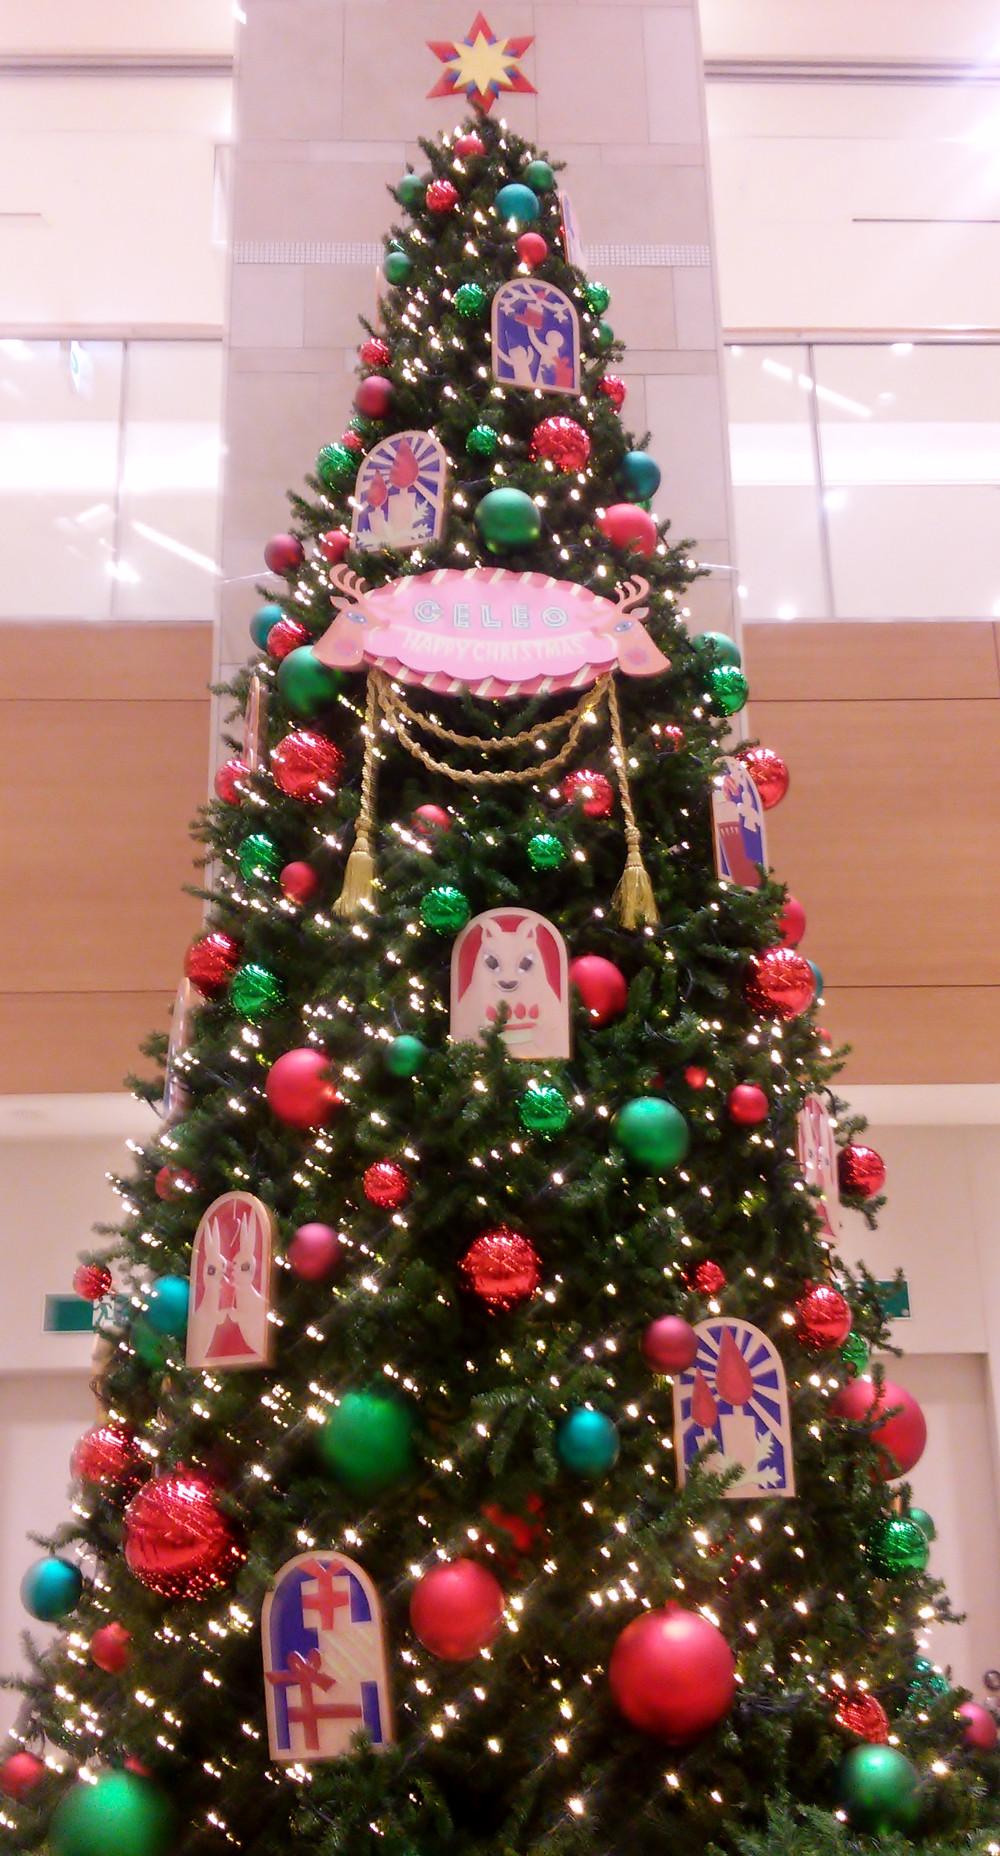 多摩市多摩センターの整体院からだやのセレオのクリスマス